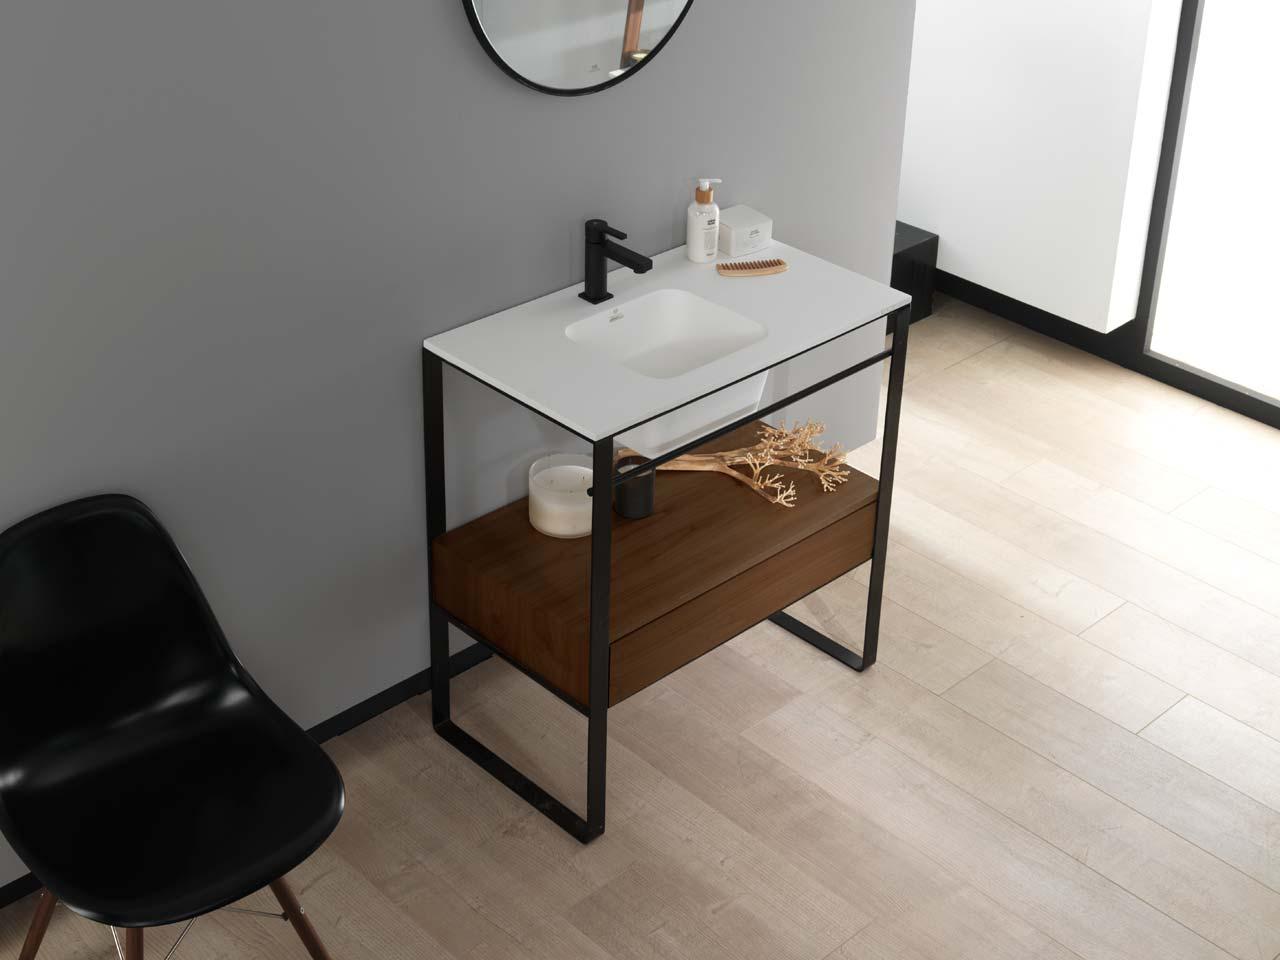 Porcelanosa Meuble De Salle De Bain bathroom furniture | bandndesign